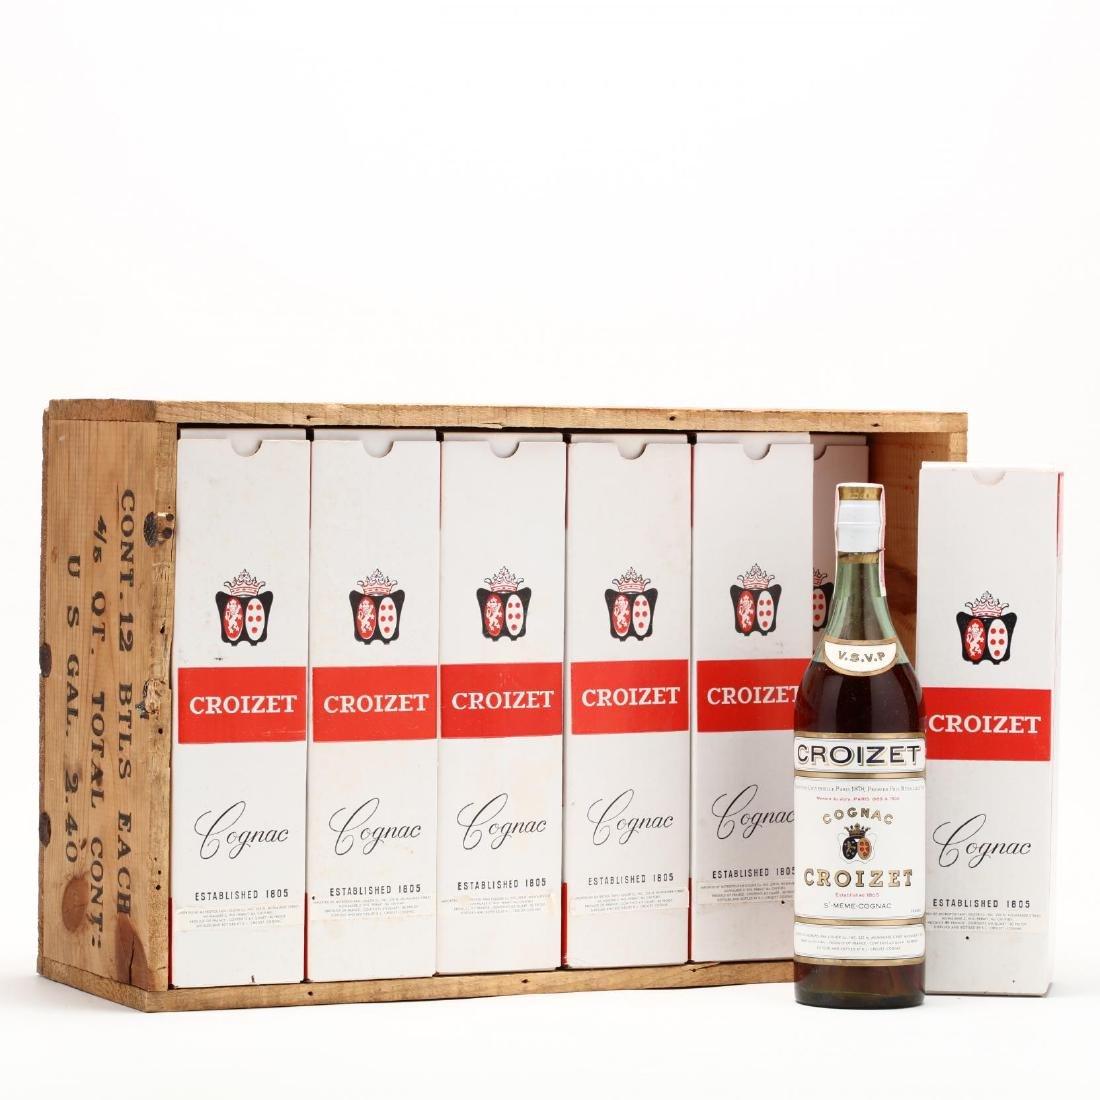 Croizet Cognac V.S.V.P